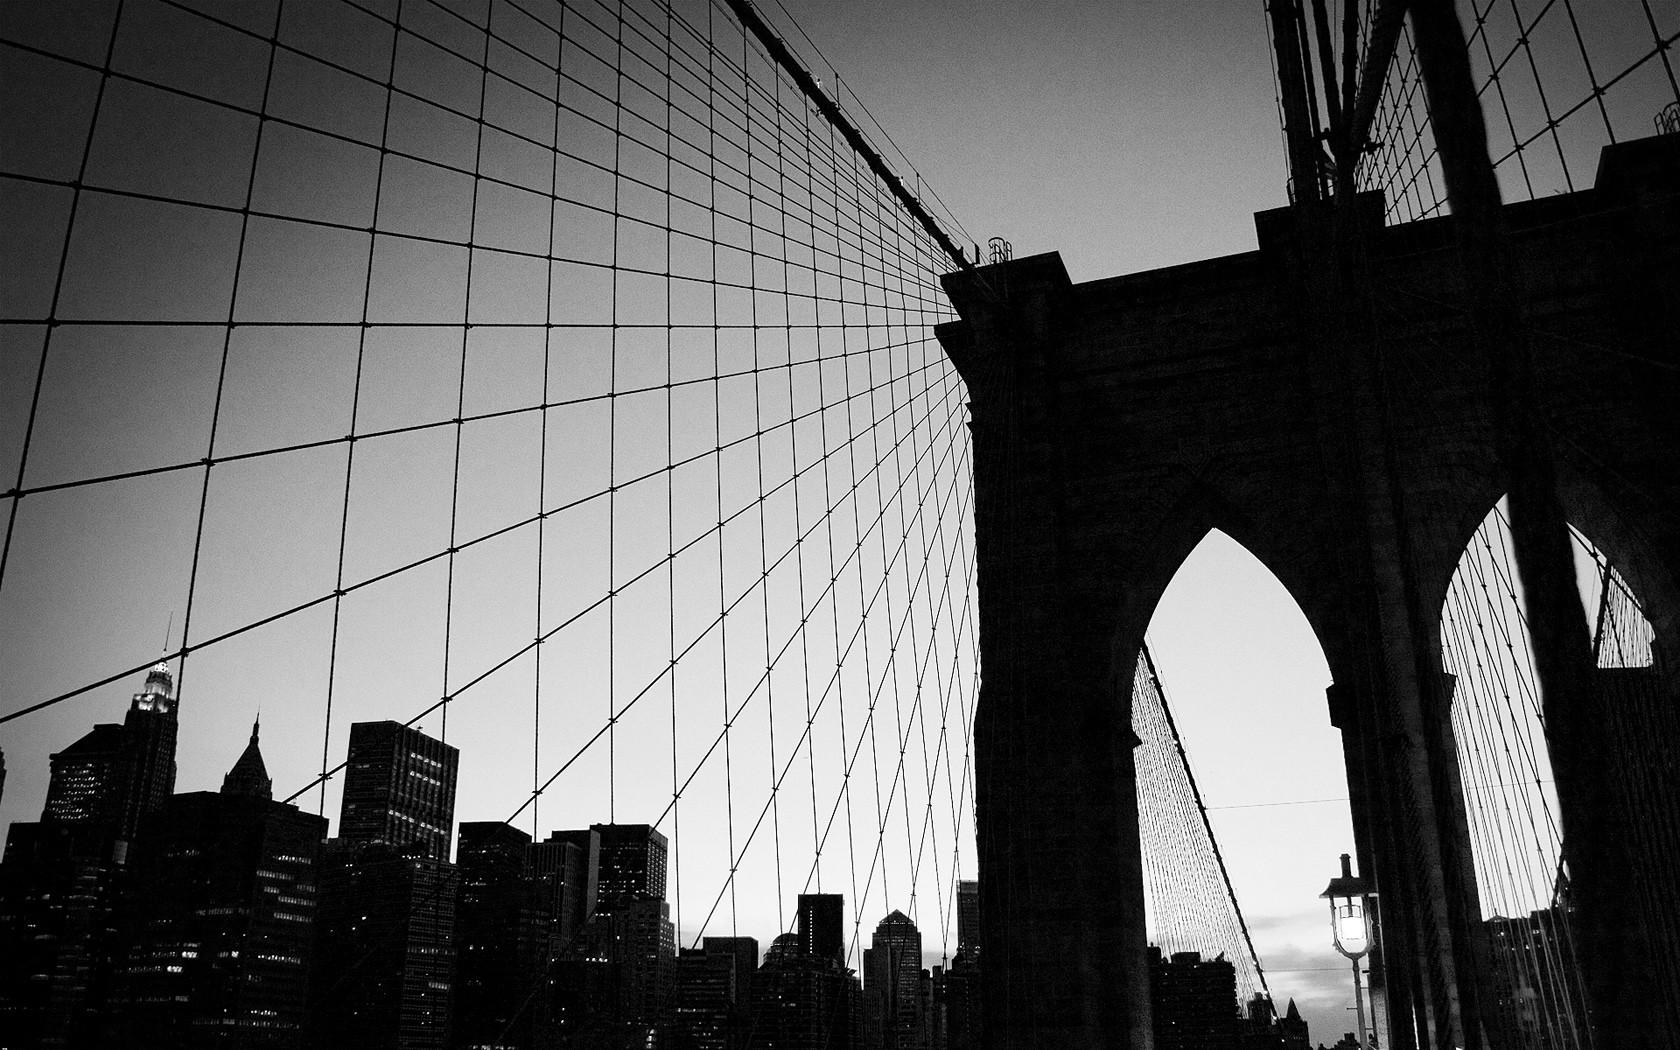 Bridges Brooklyn Wallpaper 1680x1050 Bridges Brooklyn Bridge 1680x1050